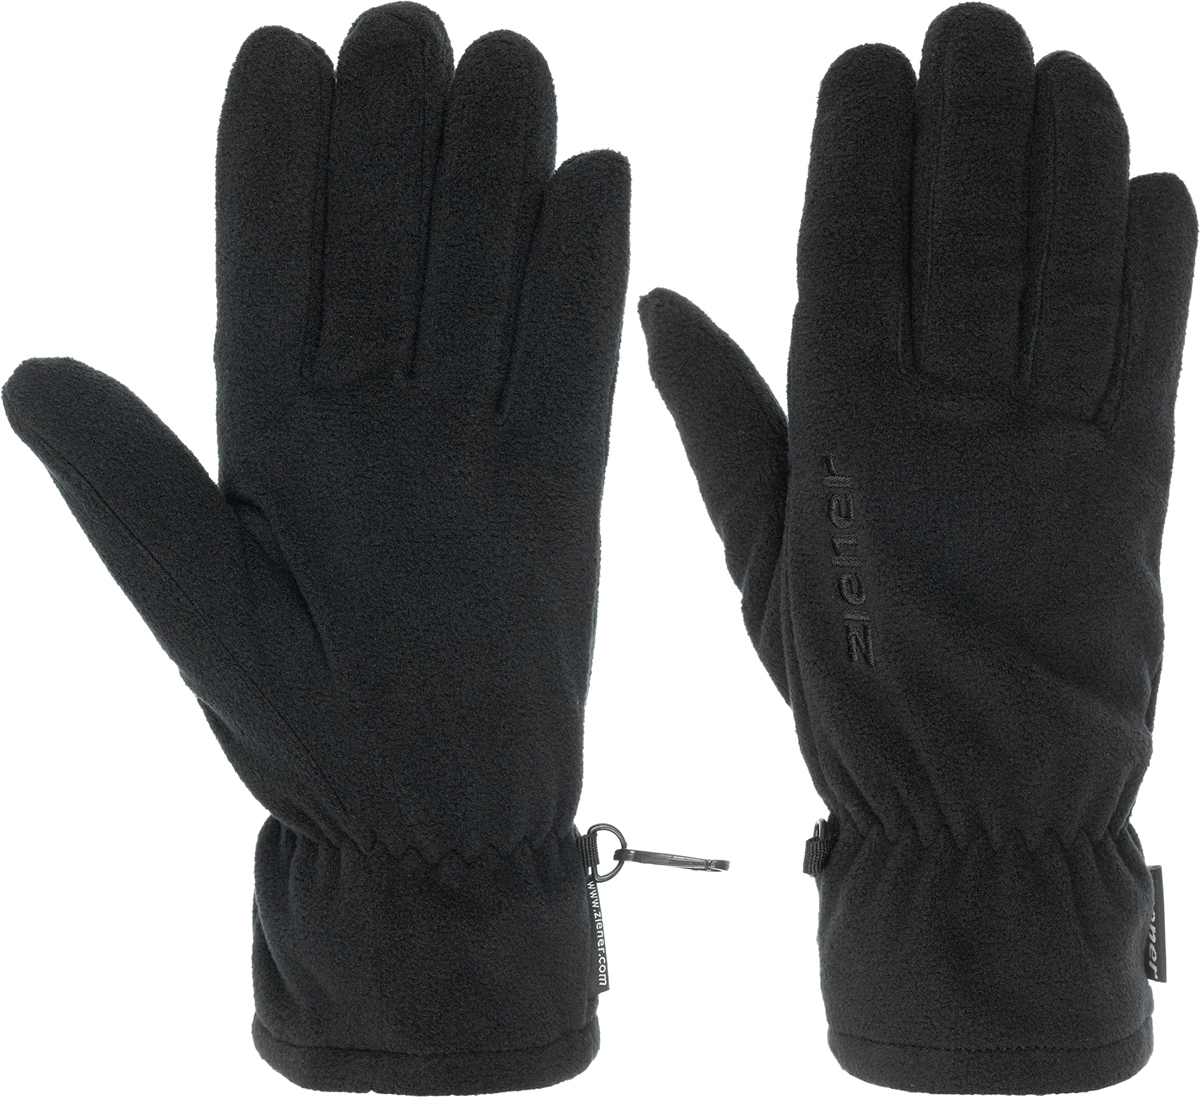 Перчатки Ziener Ibro Glove Multisport, цвет: черный. 170027-12. Размер M (9)170027-12